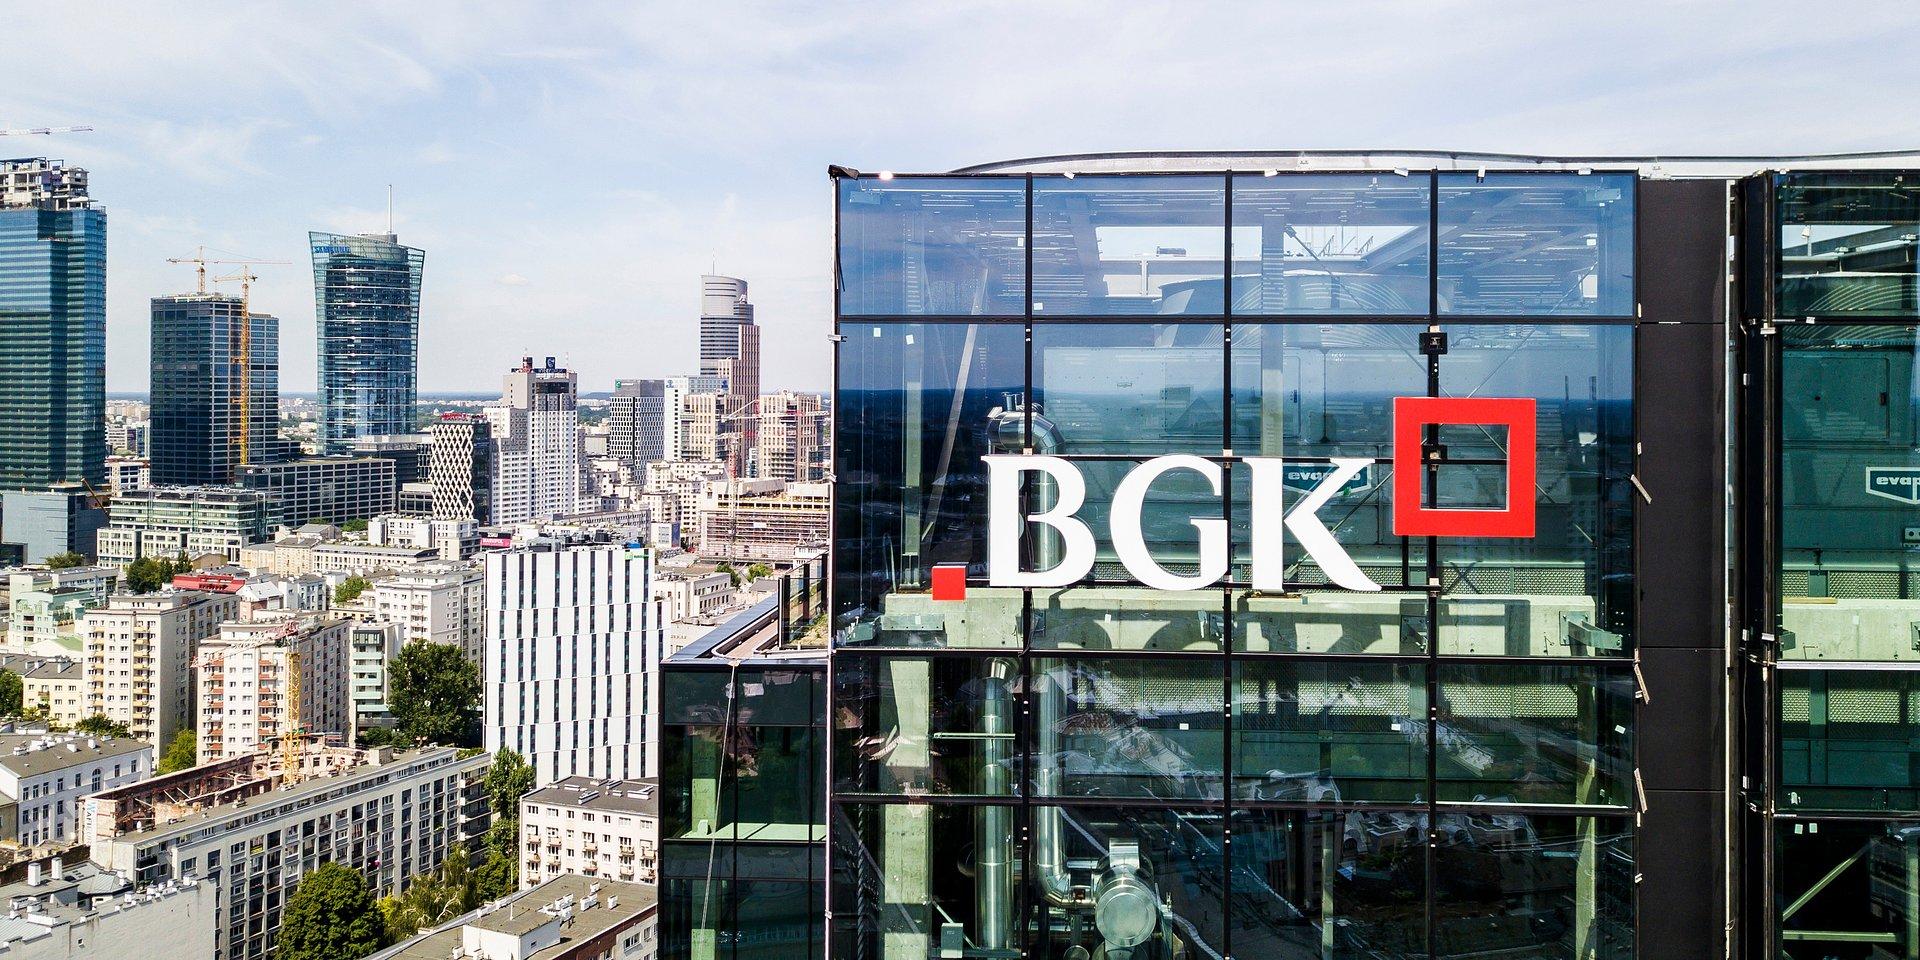 BGK z wysoką oceną agencji Fitch